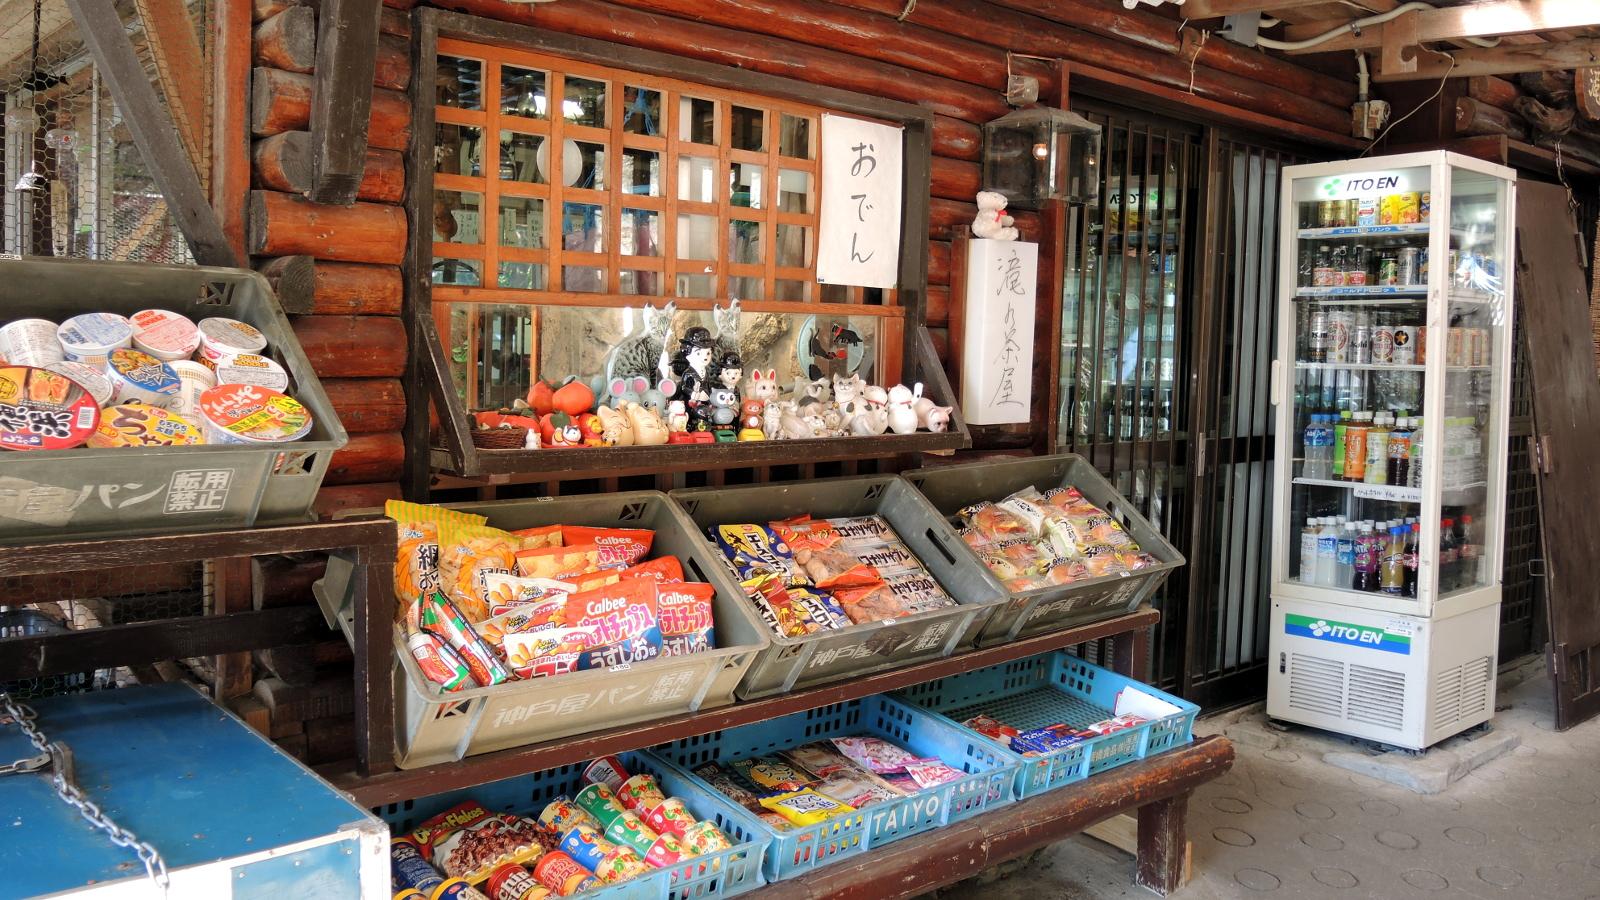 wild boar mountain Takinochaya restaurant Ashiya Rob Dyer The Real Japan